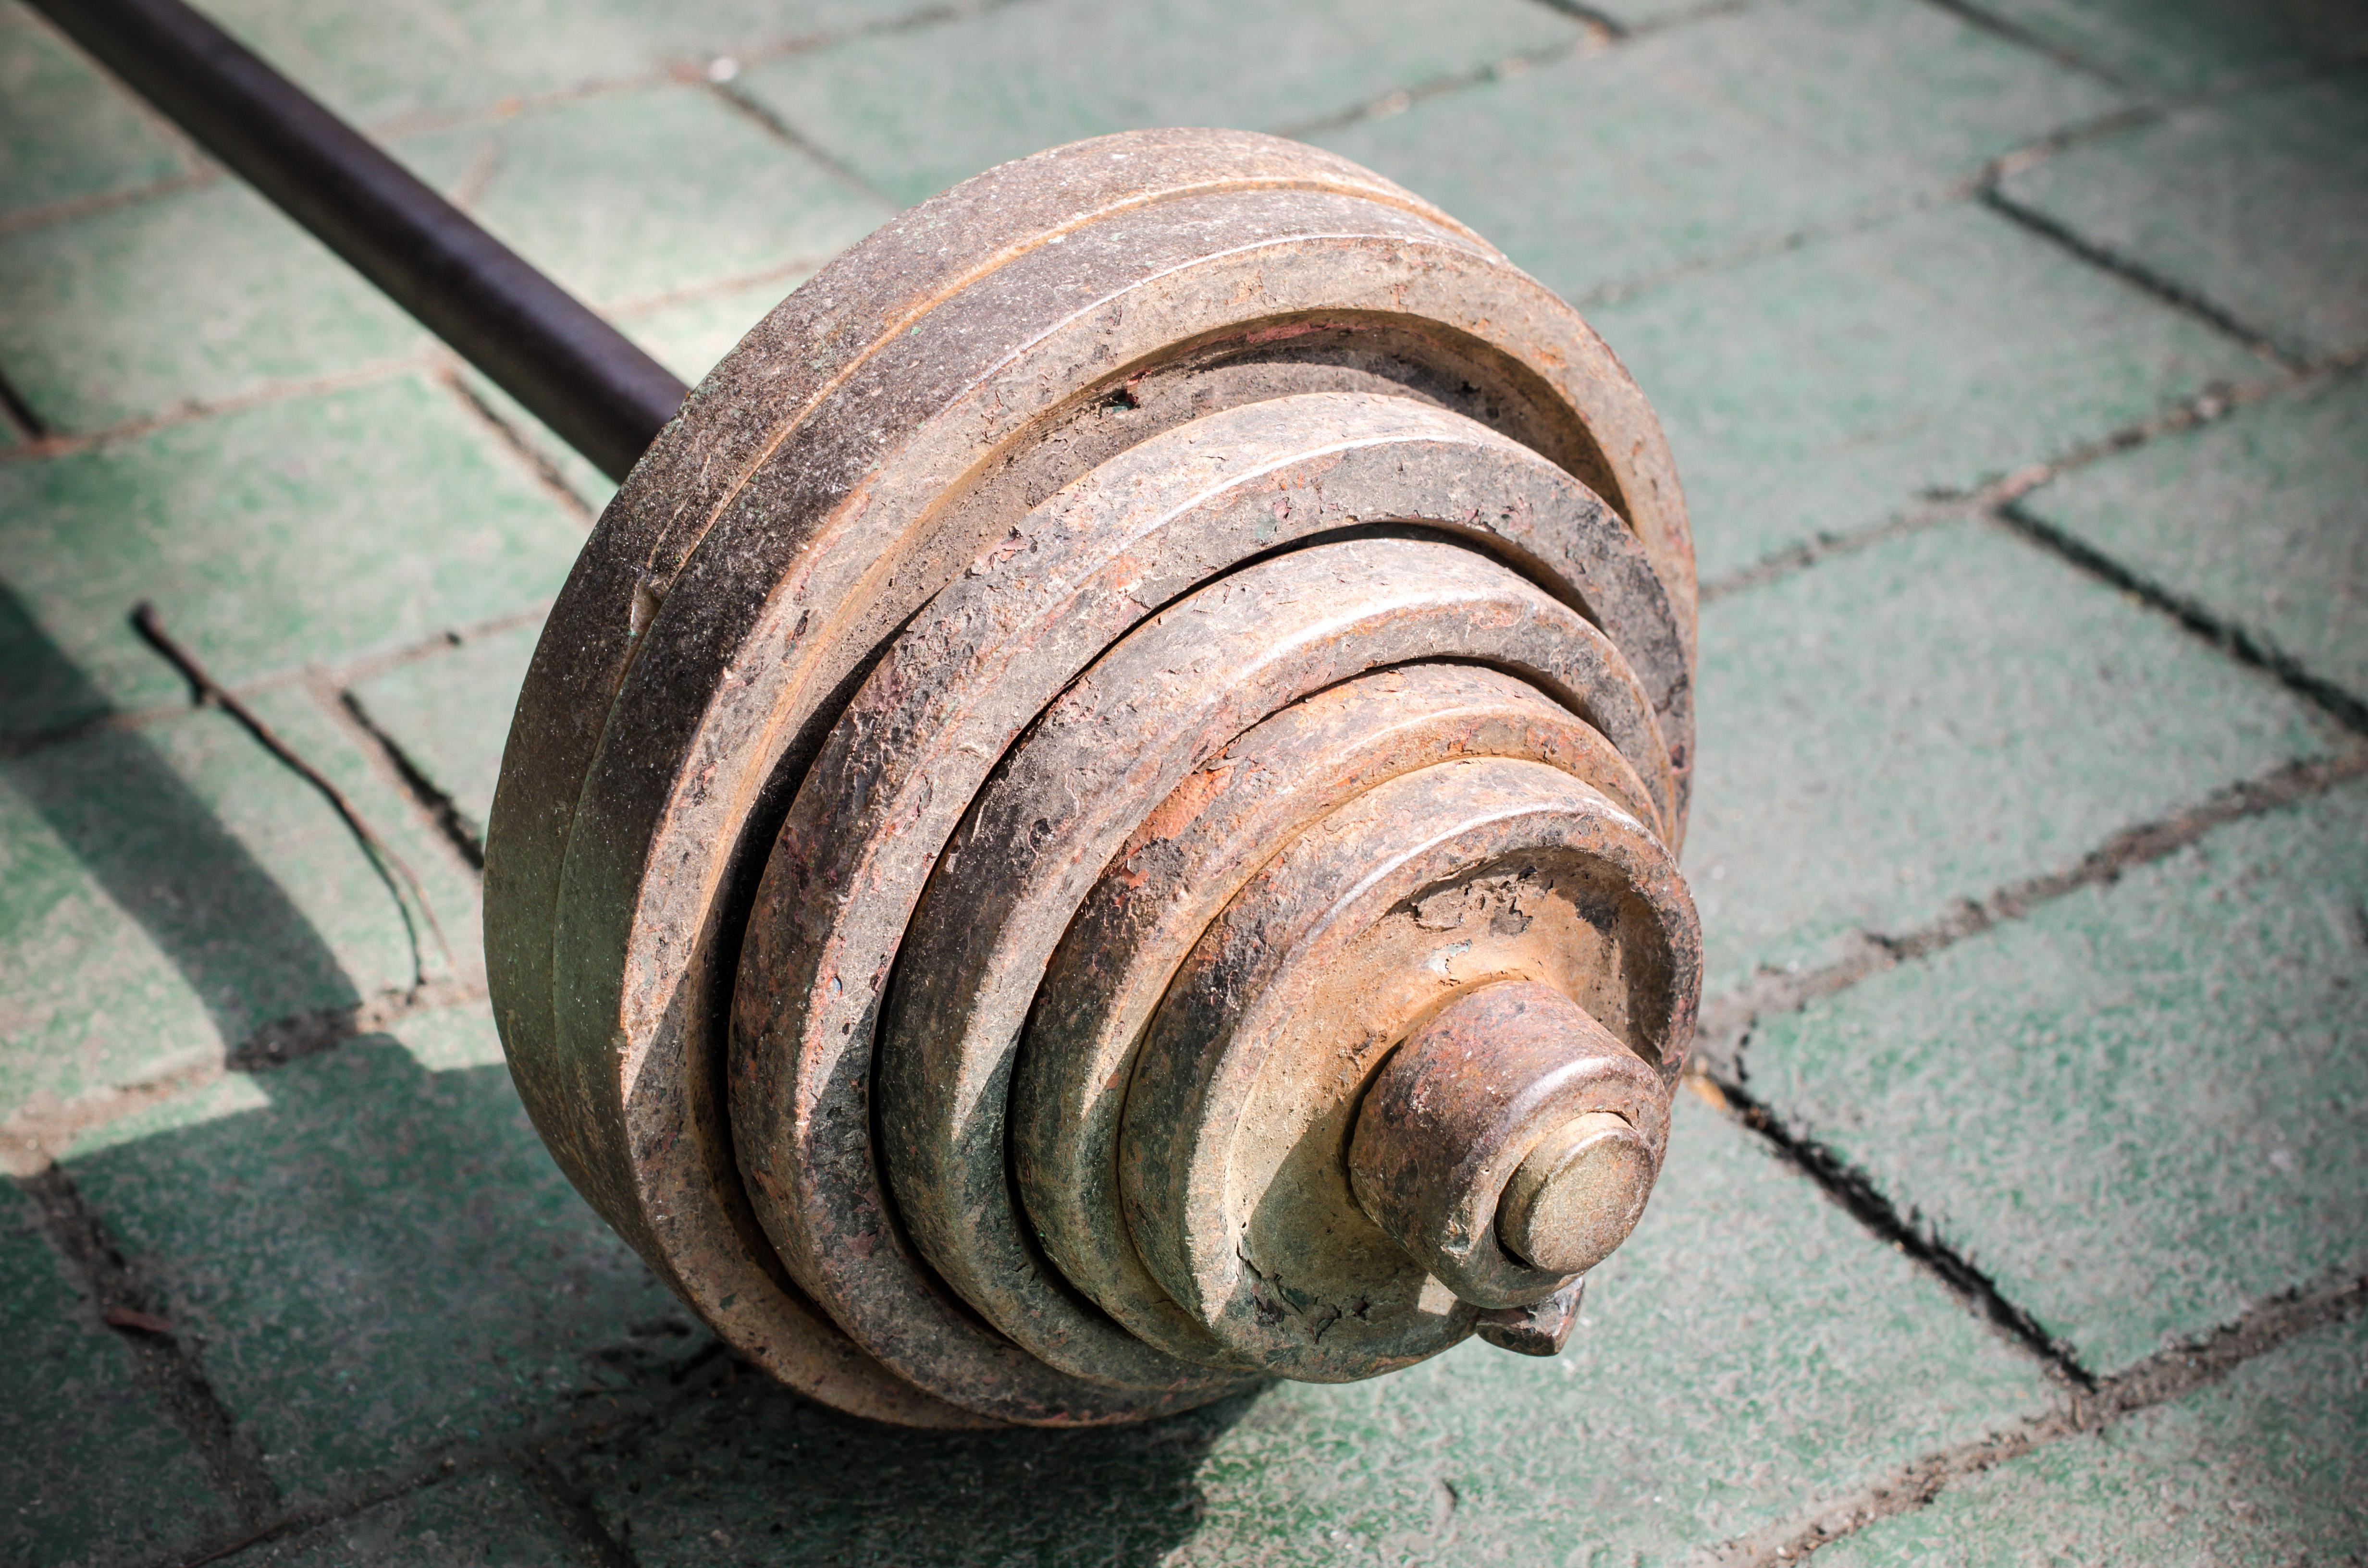 El peso que levantemos en el gimnasio debe estar en corcondancia con nuestra condición física (iStock)